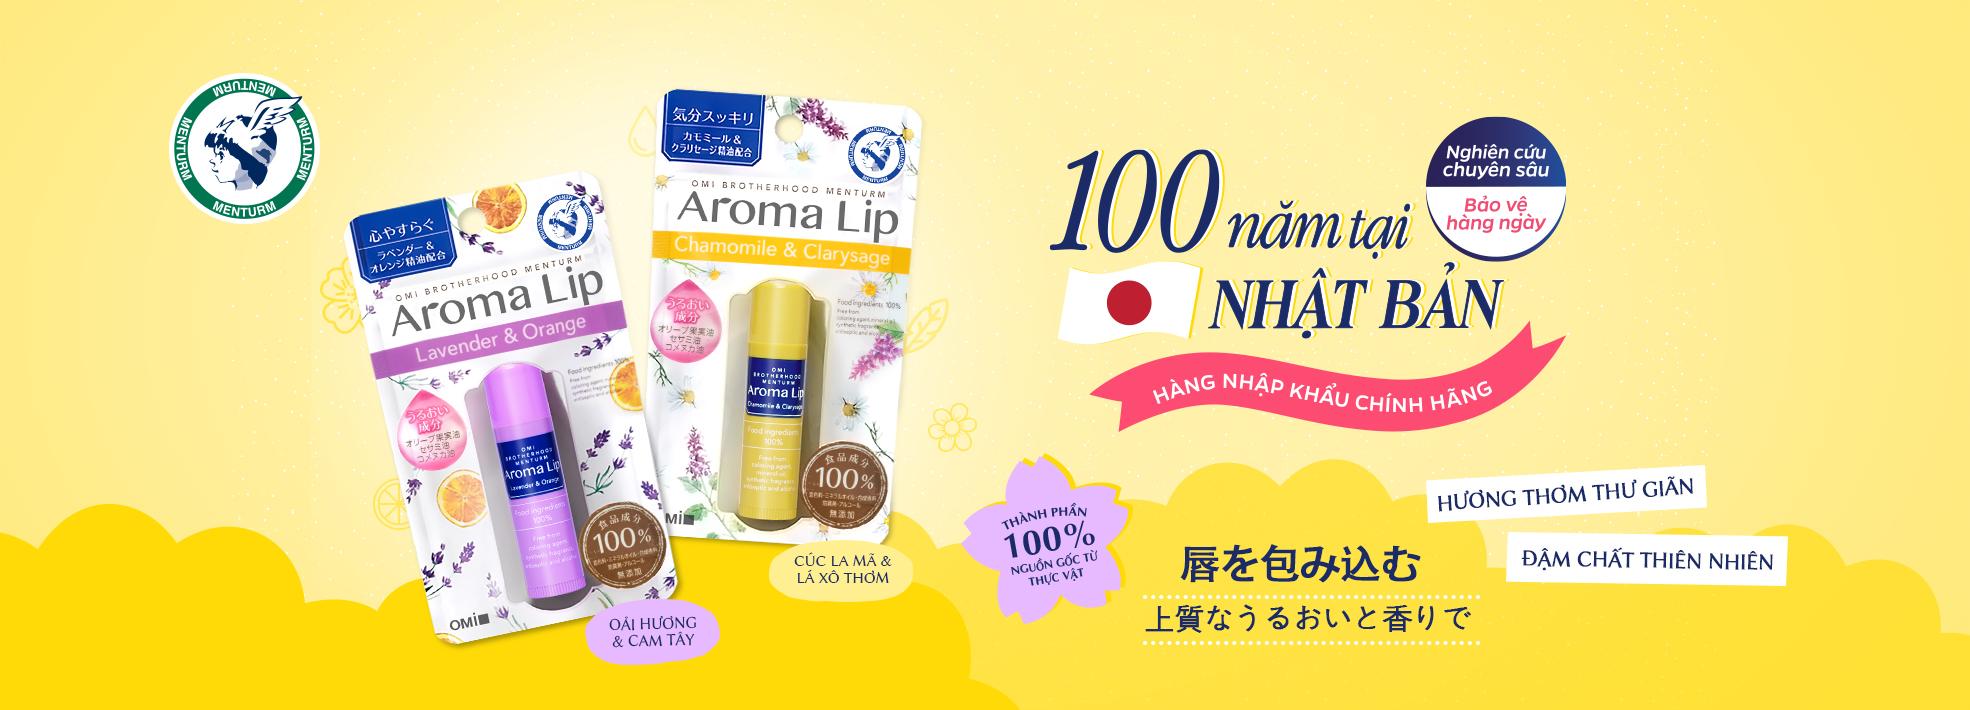 Son dưỡng OMI Aroma